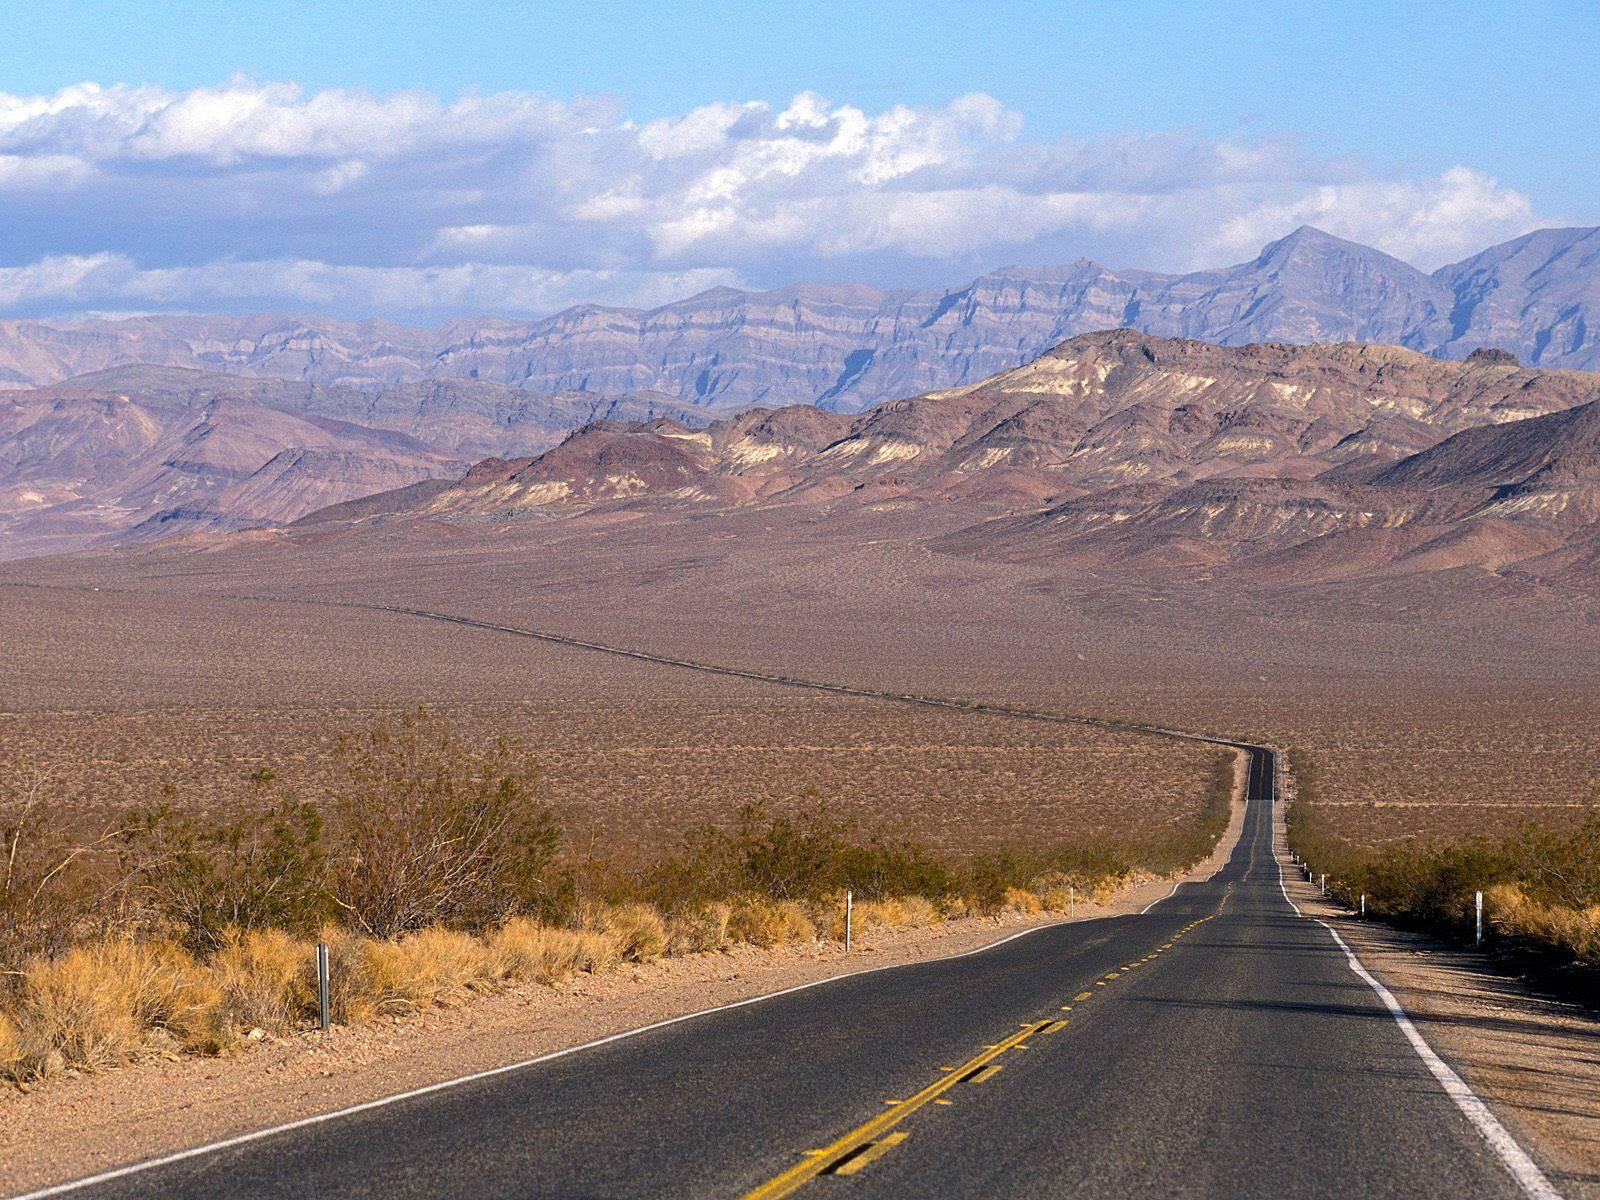 http://3.bp.blogspot.com/-aNuTwNmEPQw/TwHIwPIaZXI/AAAAAAAAGR8/Xo_3FfzlJ7Q/s1600/long_road_wallpaper.jpg